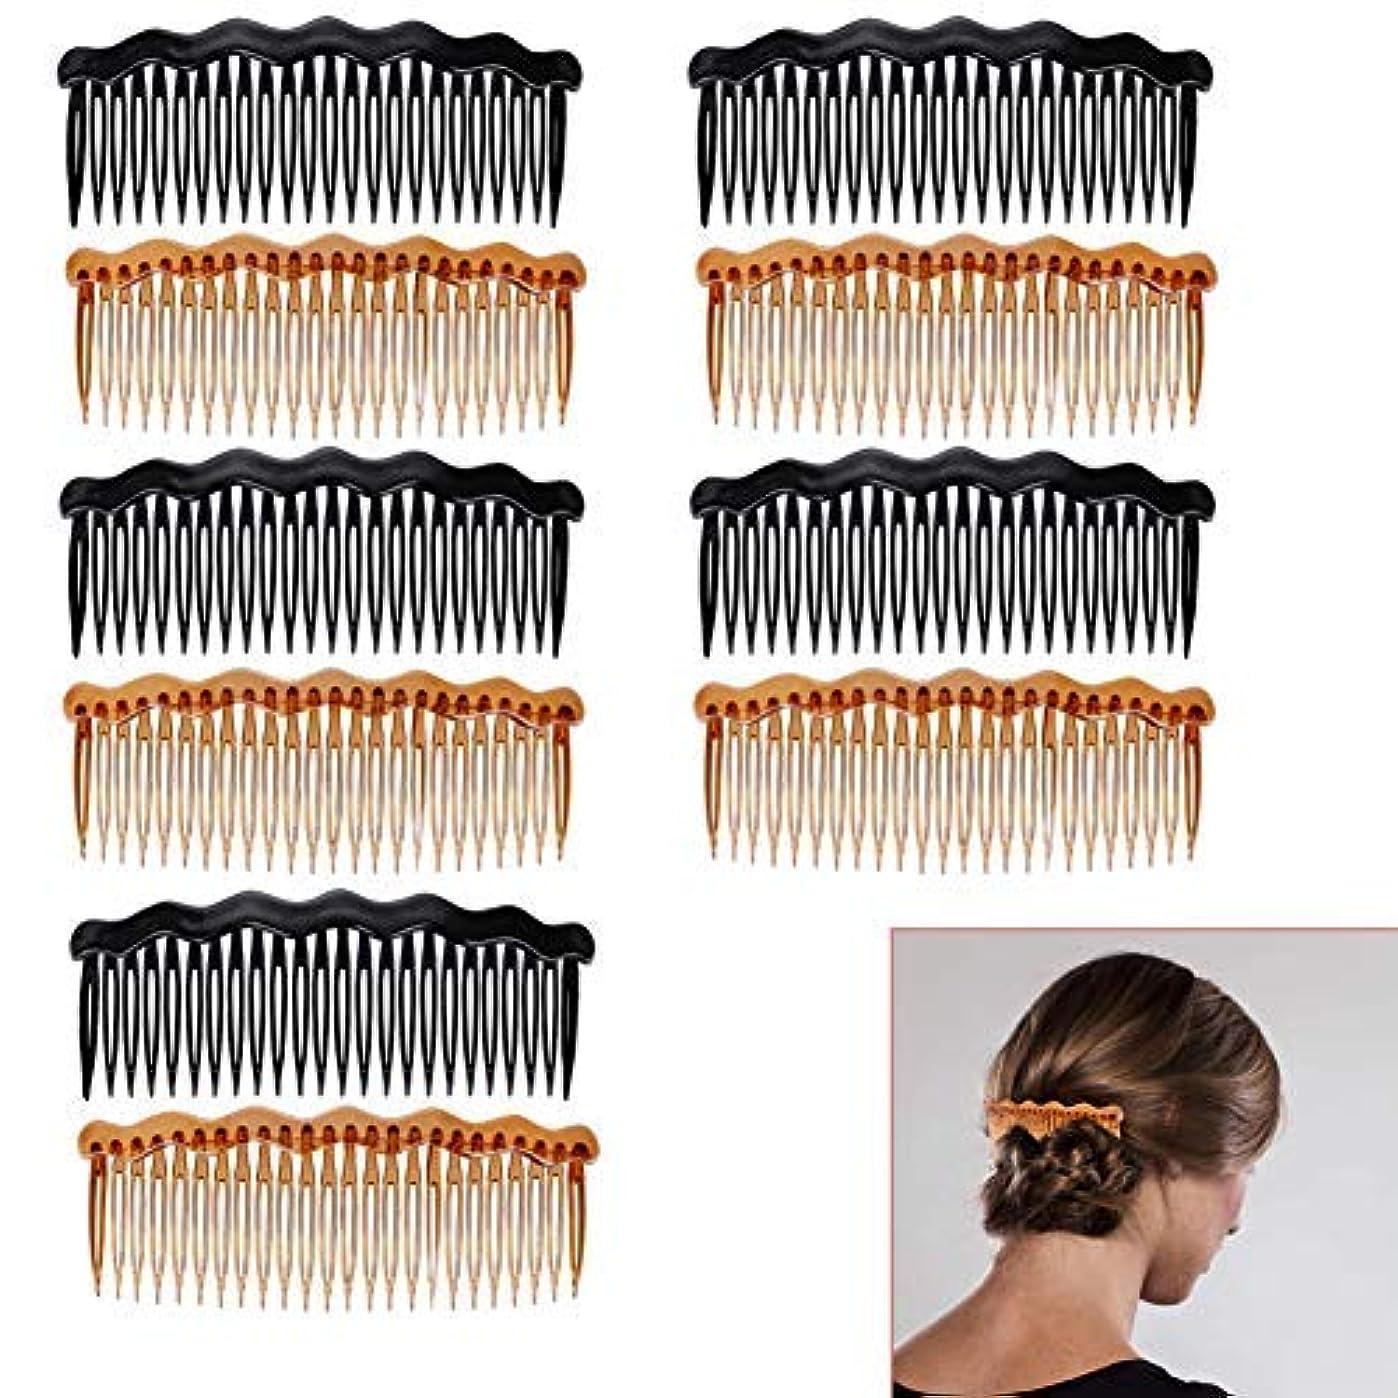 シミュレートするプランテーション留まるLuckycivia 10Pcs Plastic French Twist Comb, Side Hair Combs with 24 Teeth Hair Comb for Fine Hair,Hair Combs Accessories...